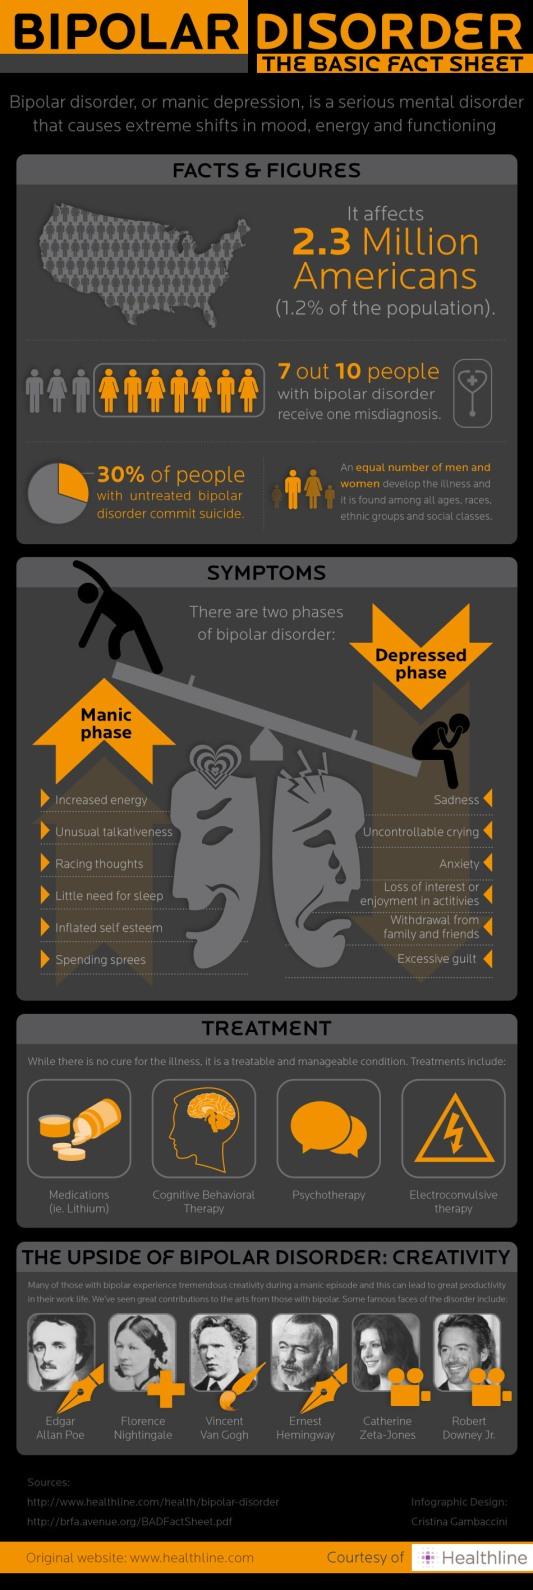 20120327 Bipolar Disorder A